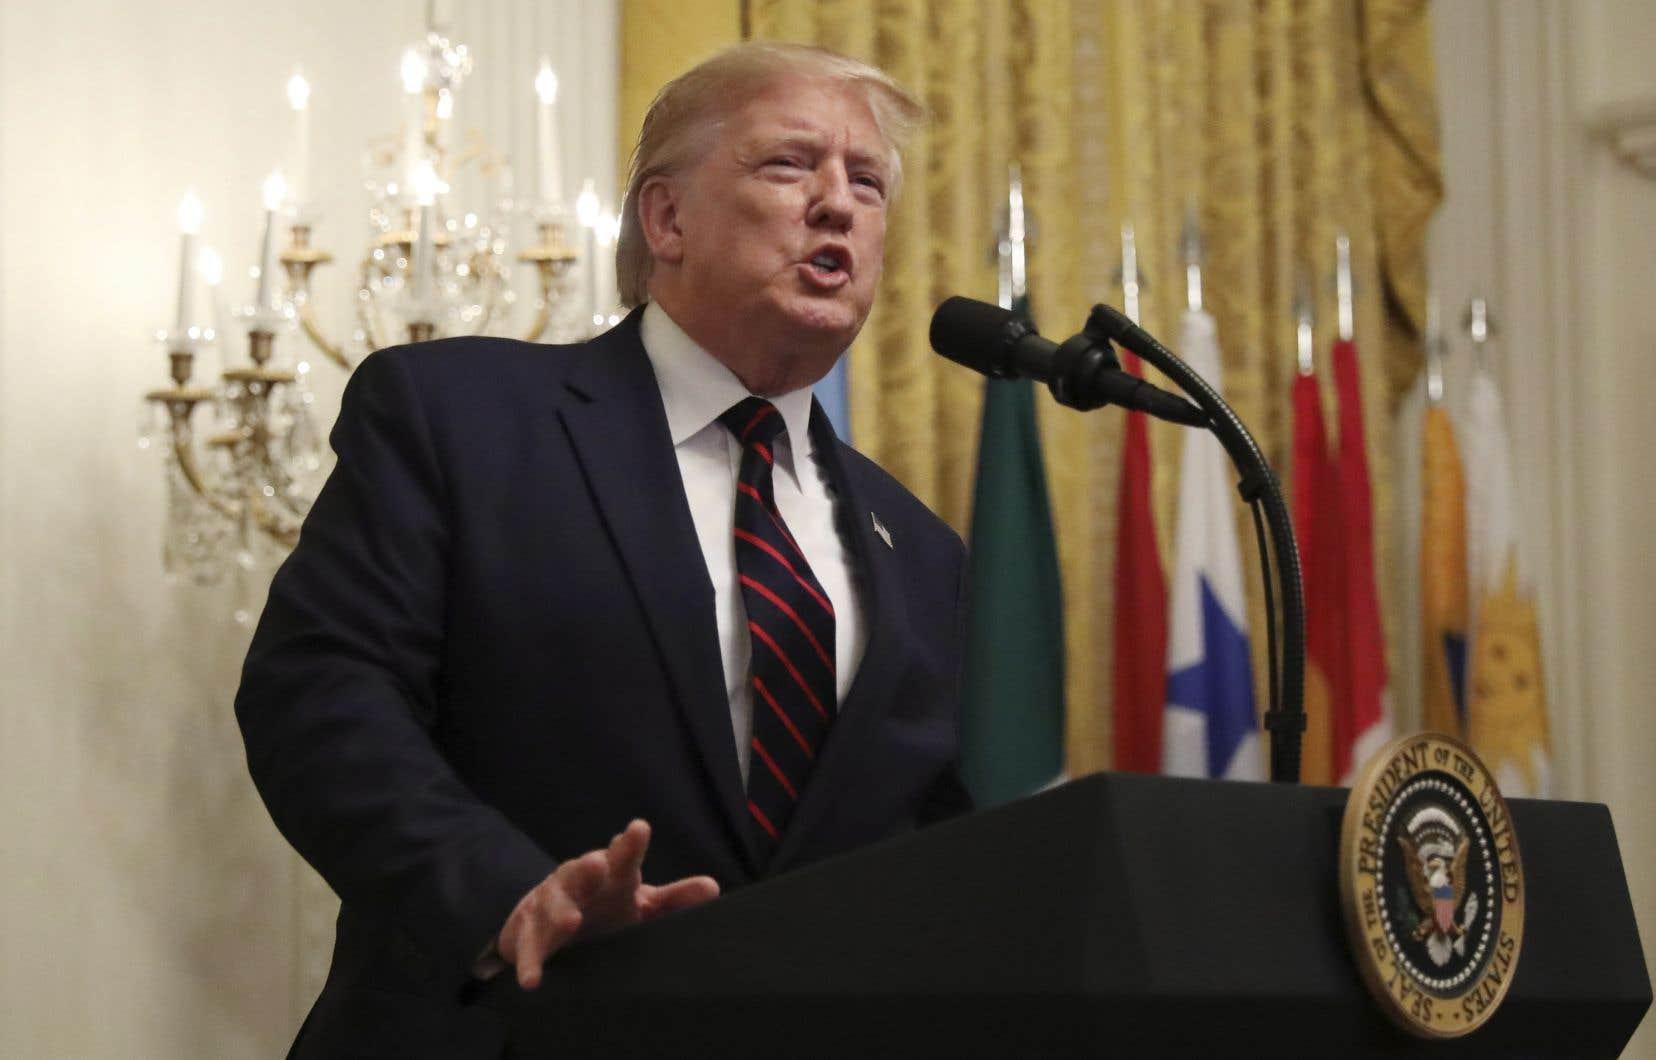 Donald Trump a autorisé la divulgation de cette transcription, réalisée sur la base de note, dans l'espoir de faire taire ses détracteurs.